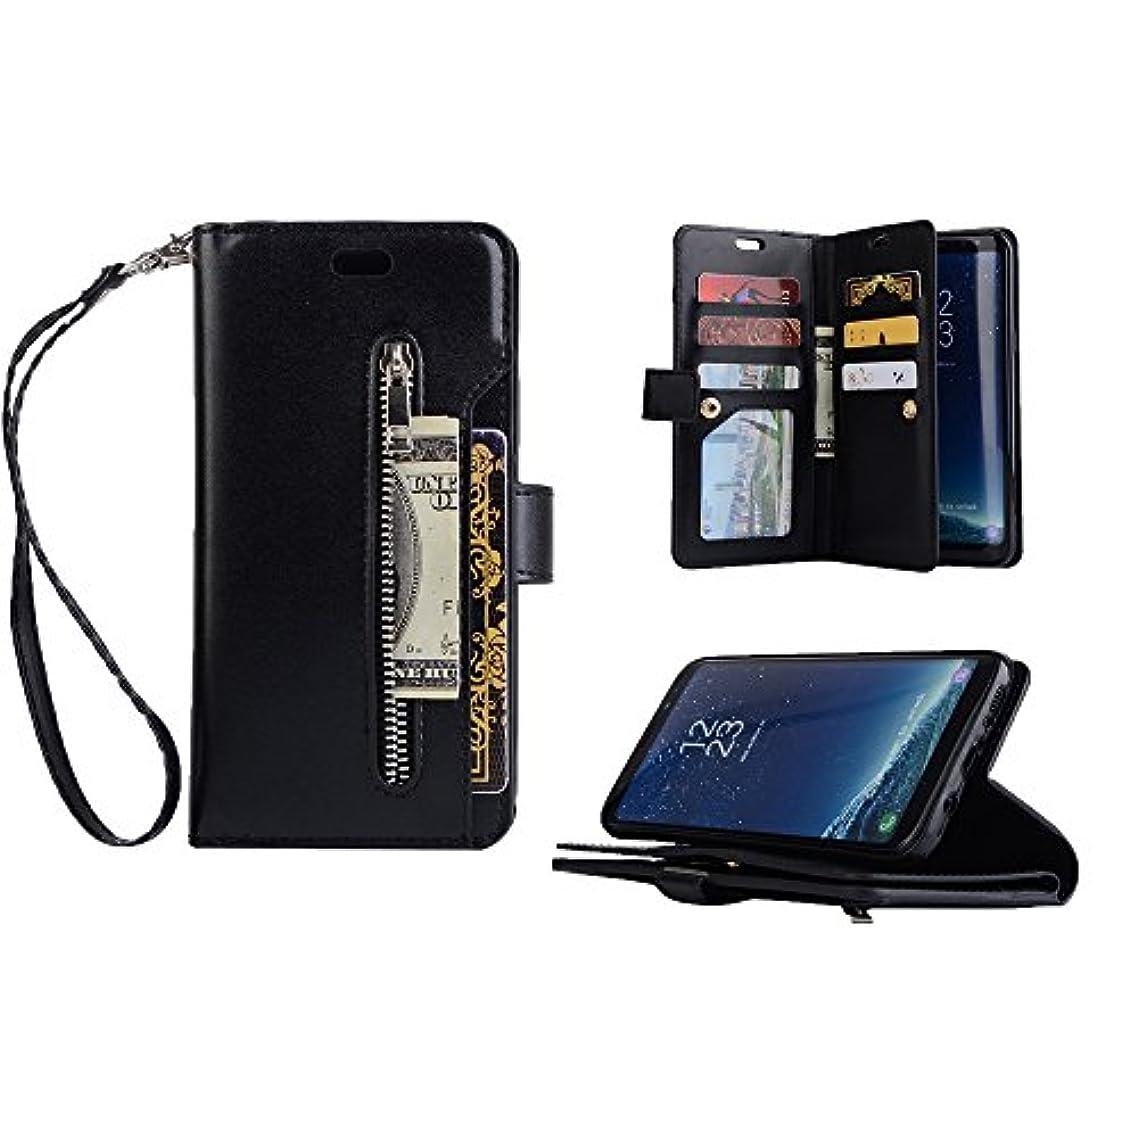 バイオリンヘルパーシソーラスGalaxy S8 Plus おしゃれカバー PUレザー カード収納 スタンド機能 ストラップ付き 手帳型ケース ギャラクシー S8 Plus対応 ブラックメンズ かっこいい ビジネス